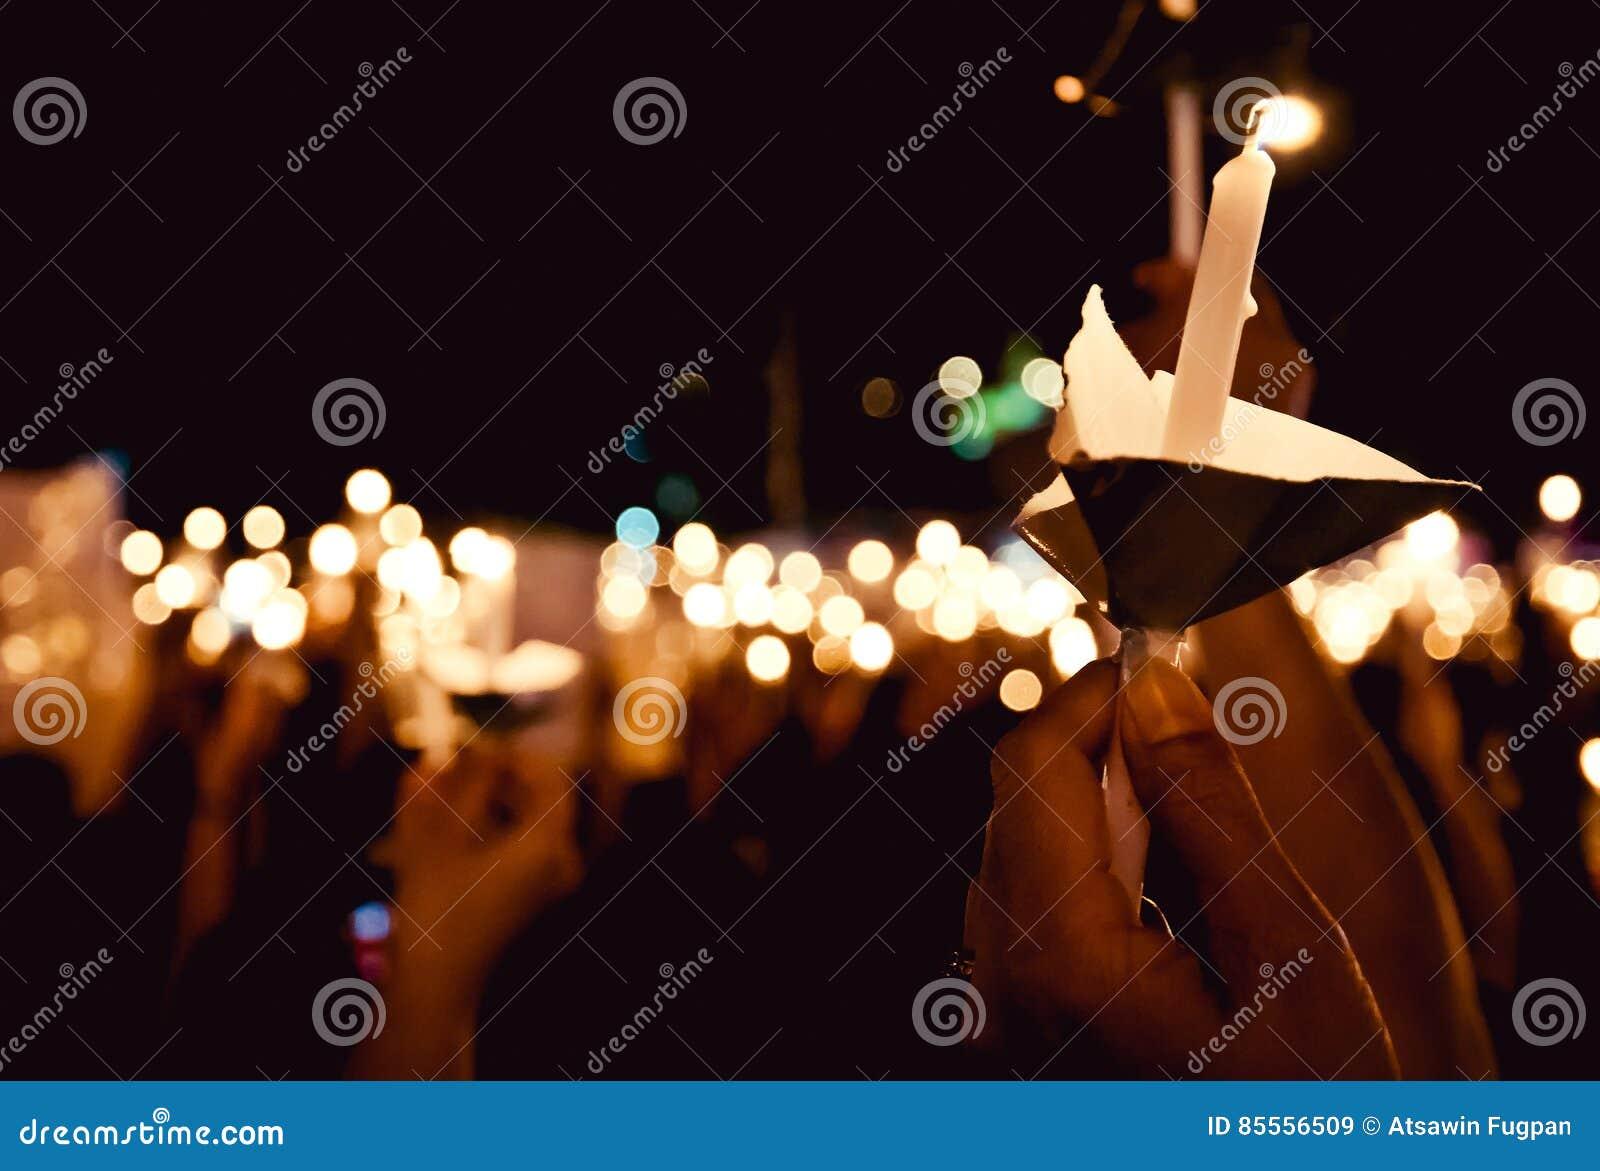 Beleuchten Sie die Kerze schön nachts